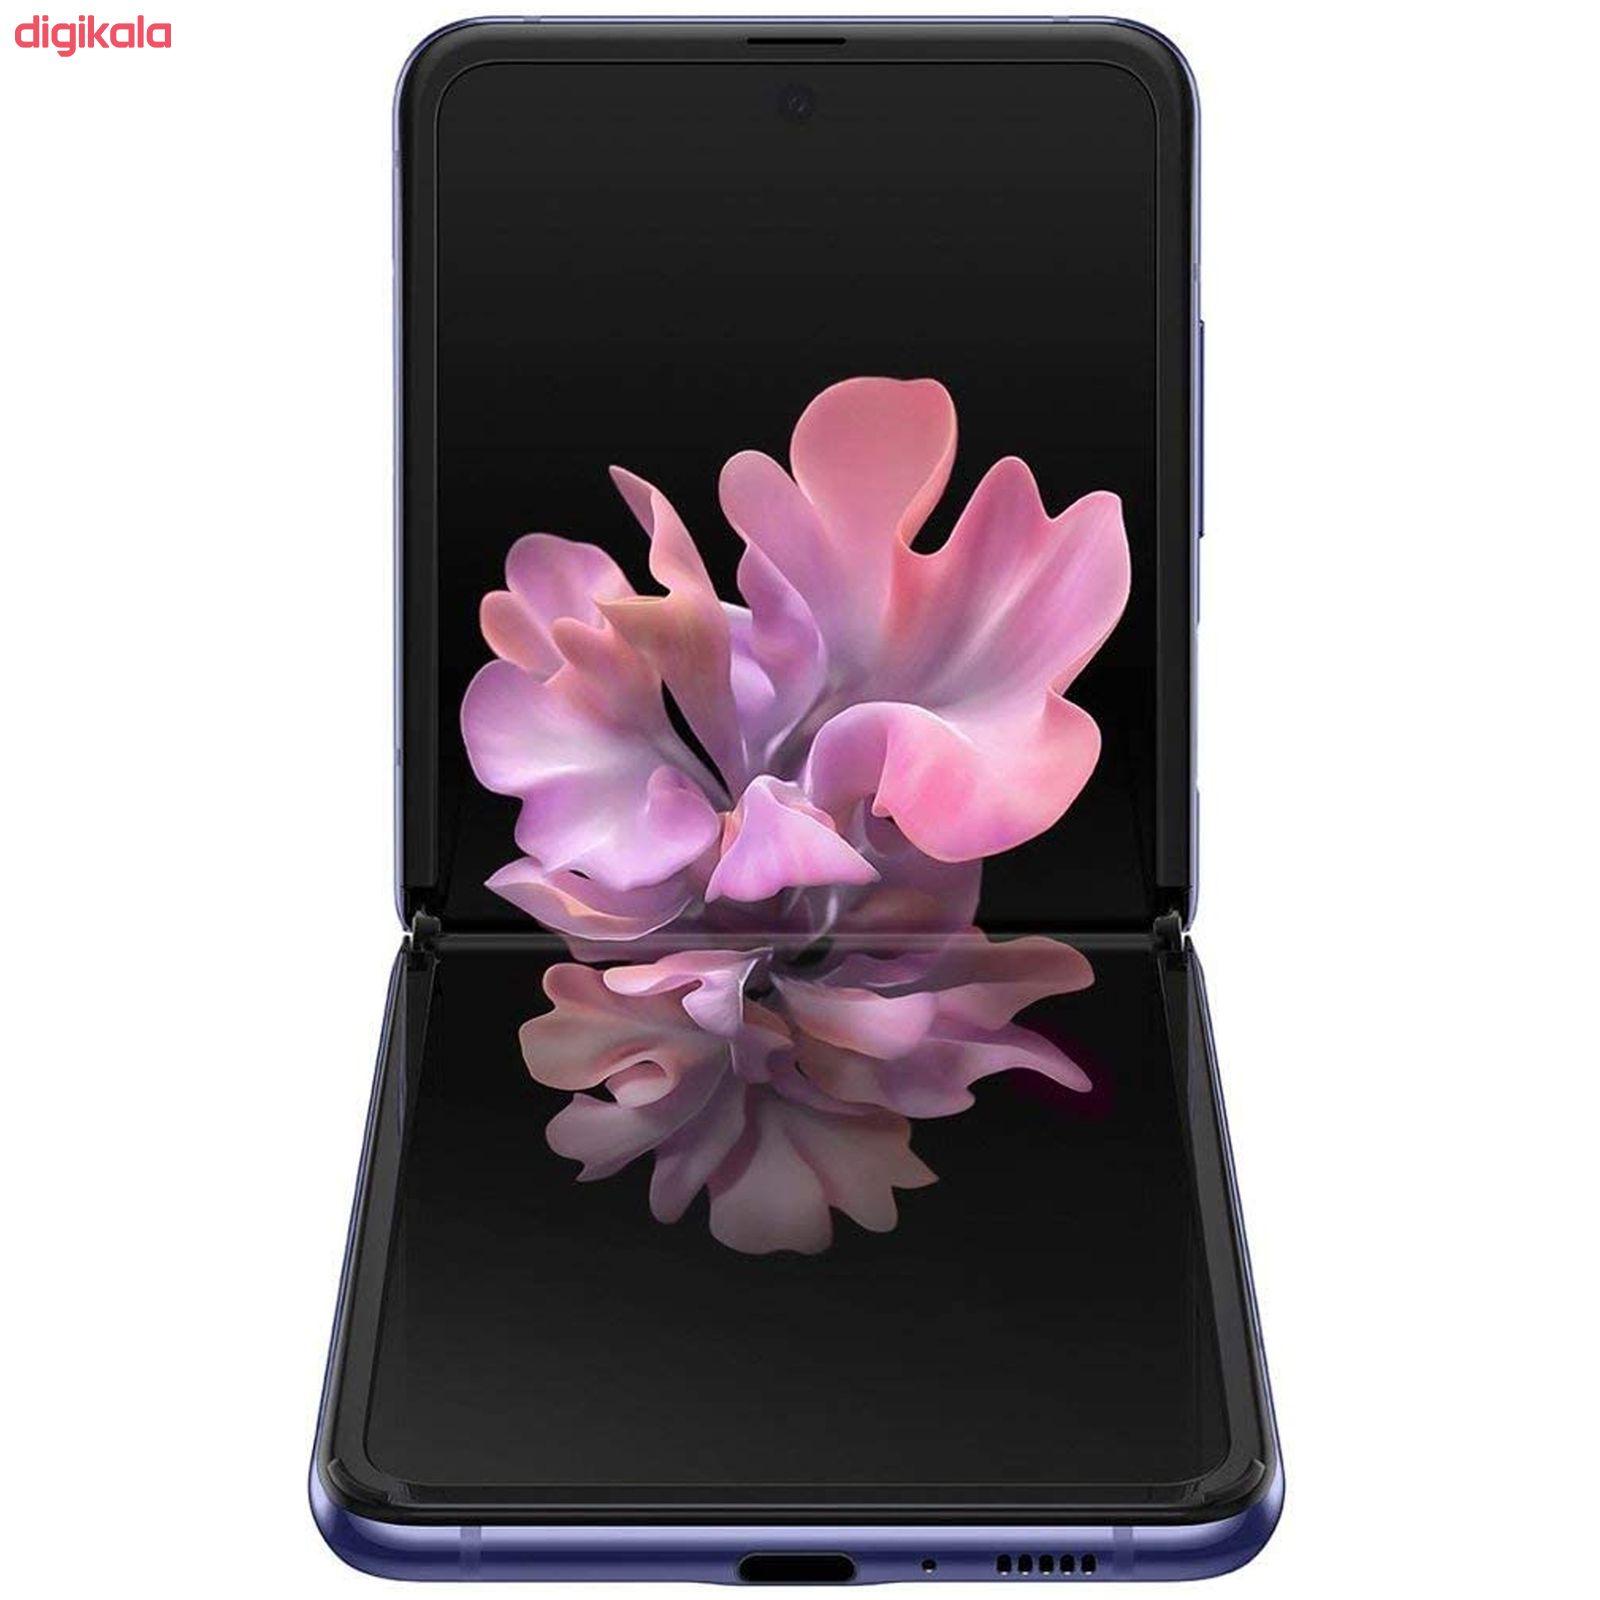 گوشی موبایل سامسونگ مدل Galaxy Z Flip SM-F700F/DS تک سیم کارت ظرفیت 256 گیگابایت main 1 7